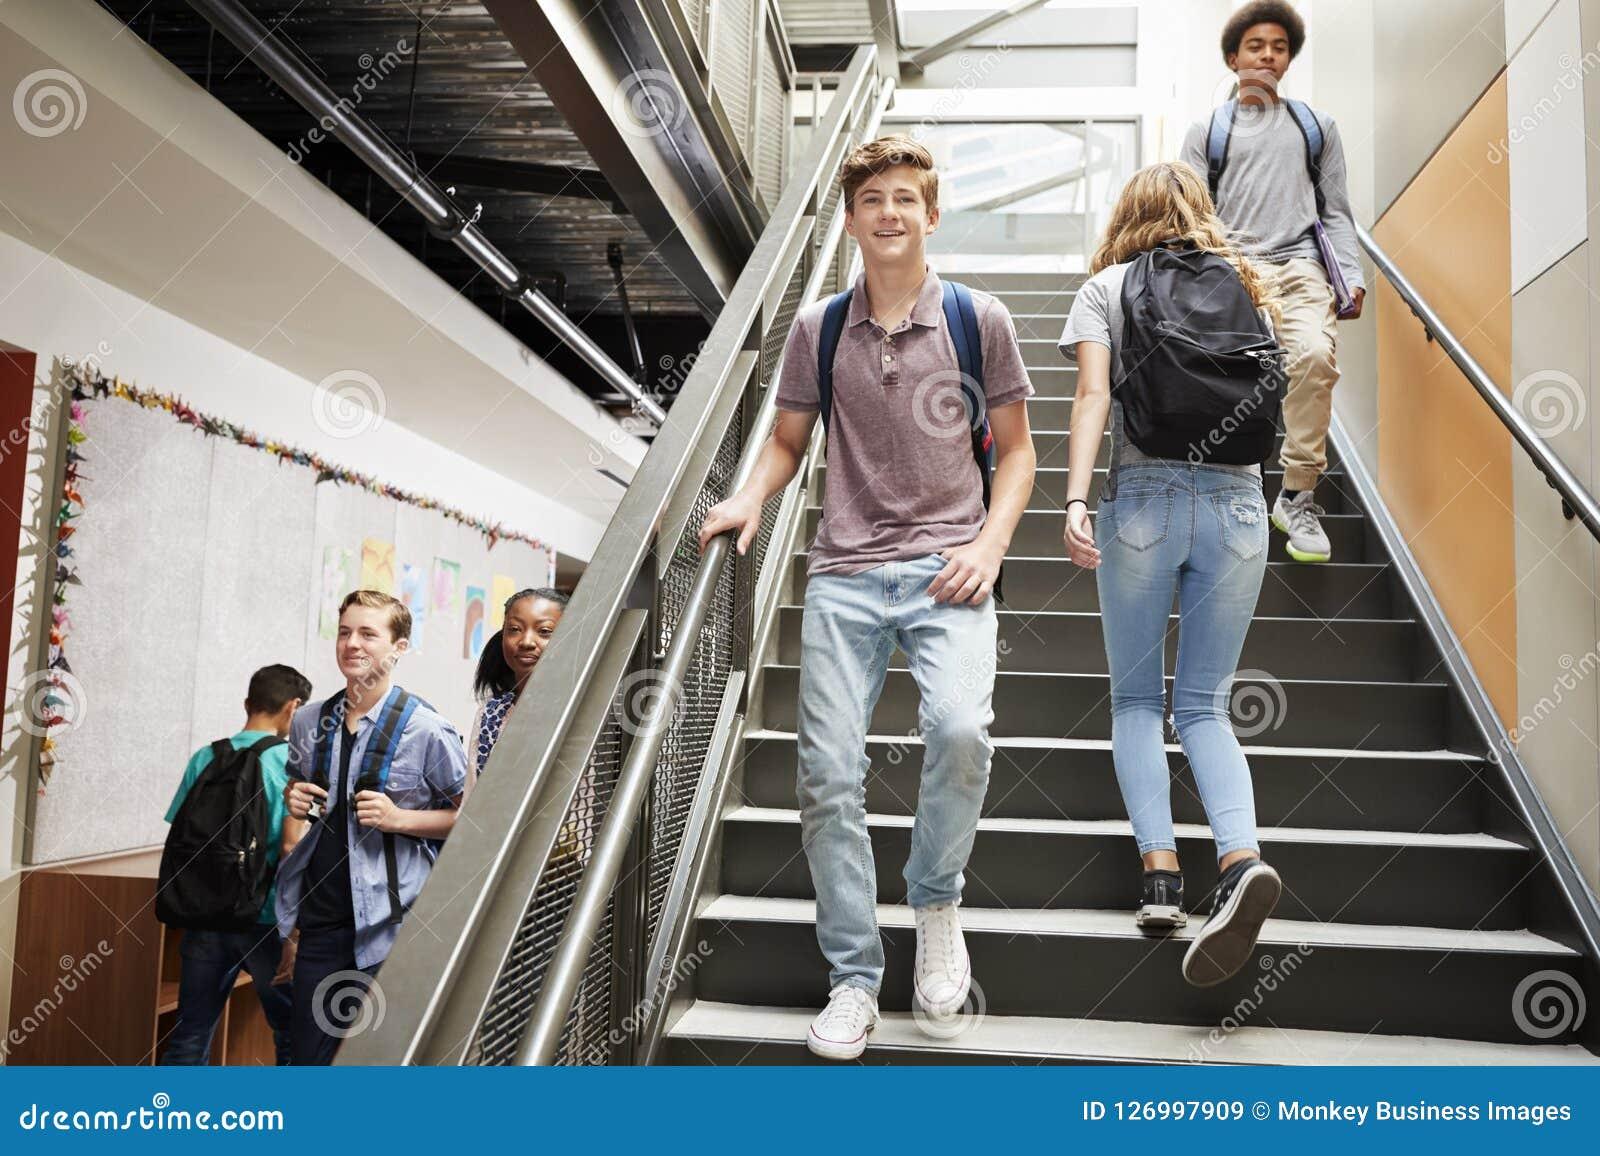 Студенты средней школы идя вниз с лестниц в занятом здании коллежа